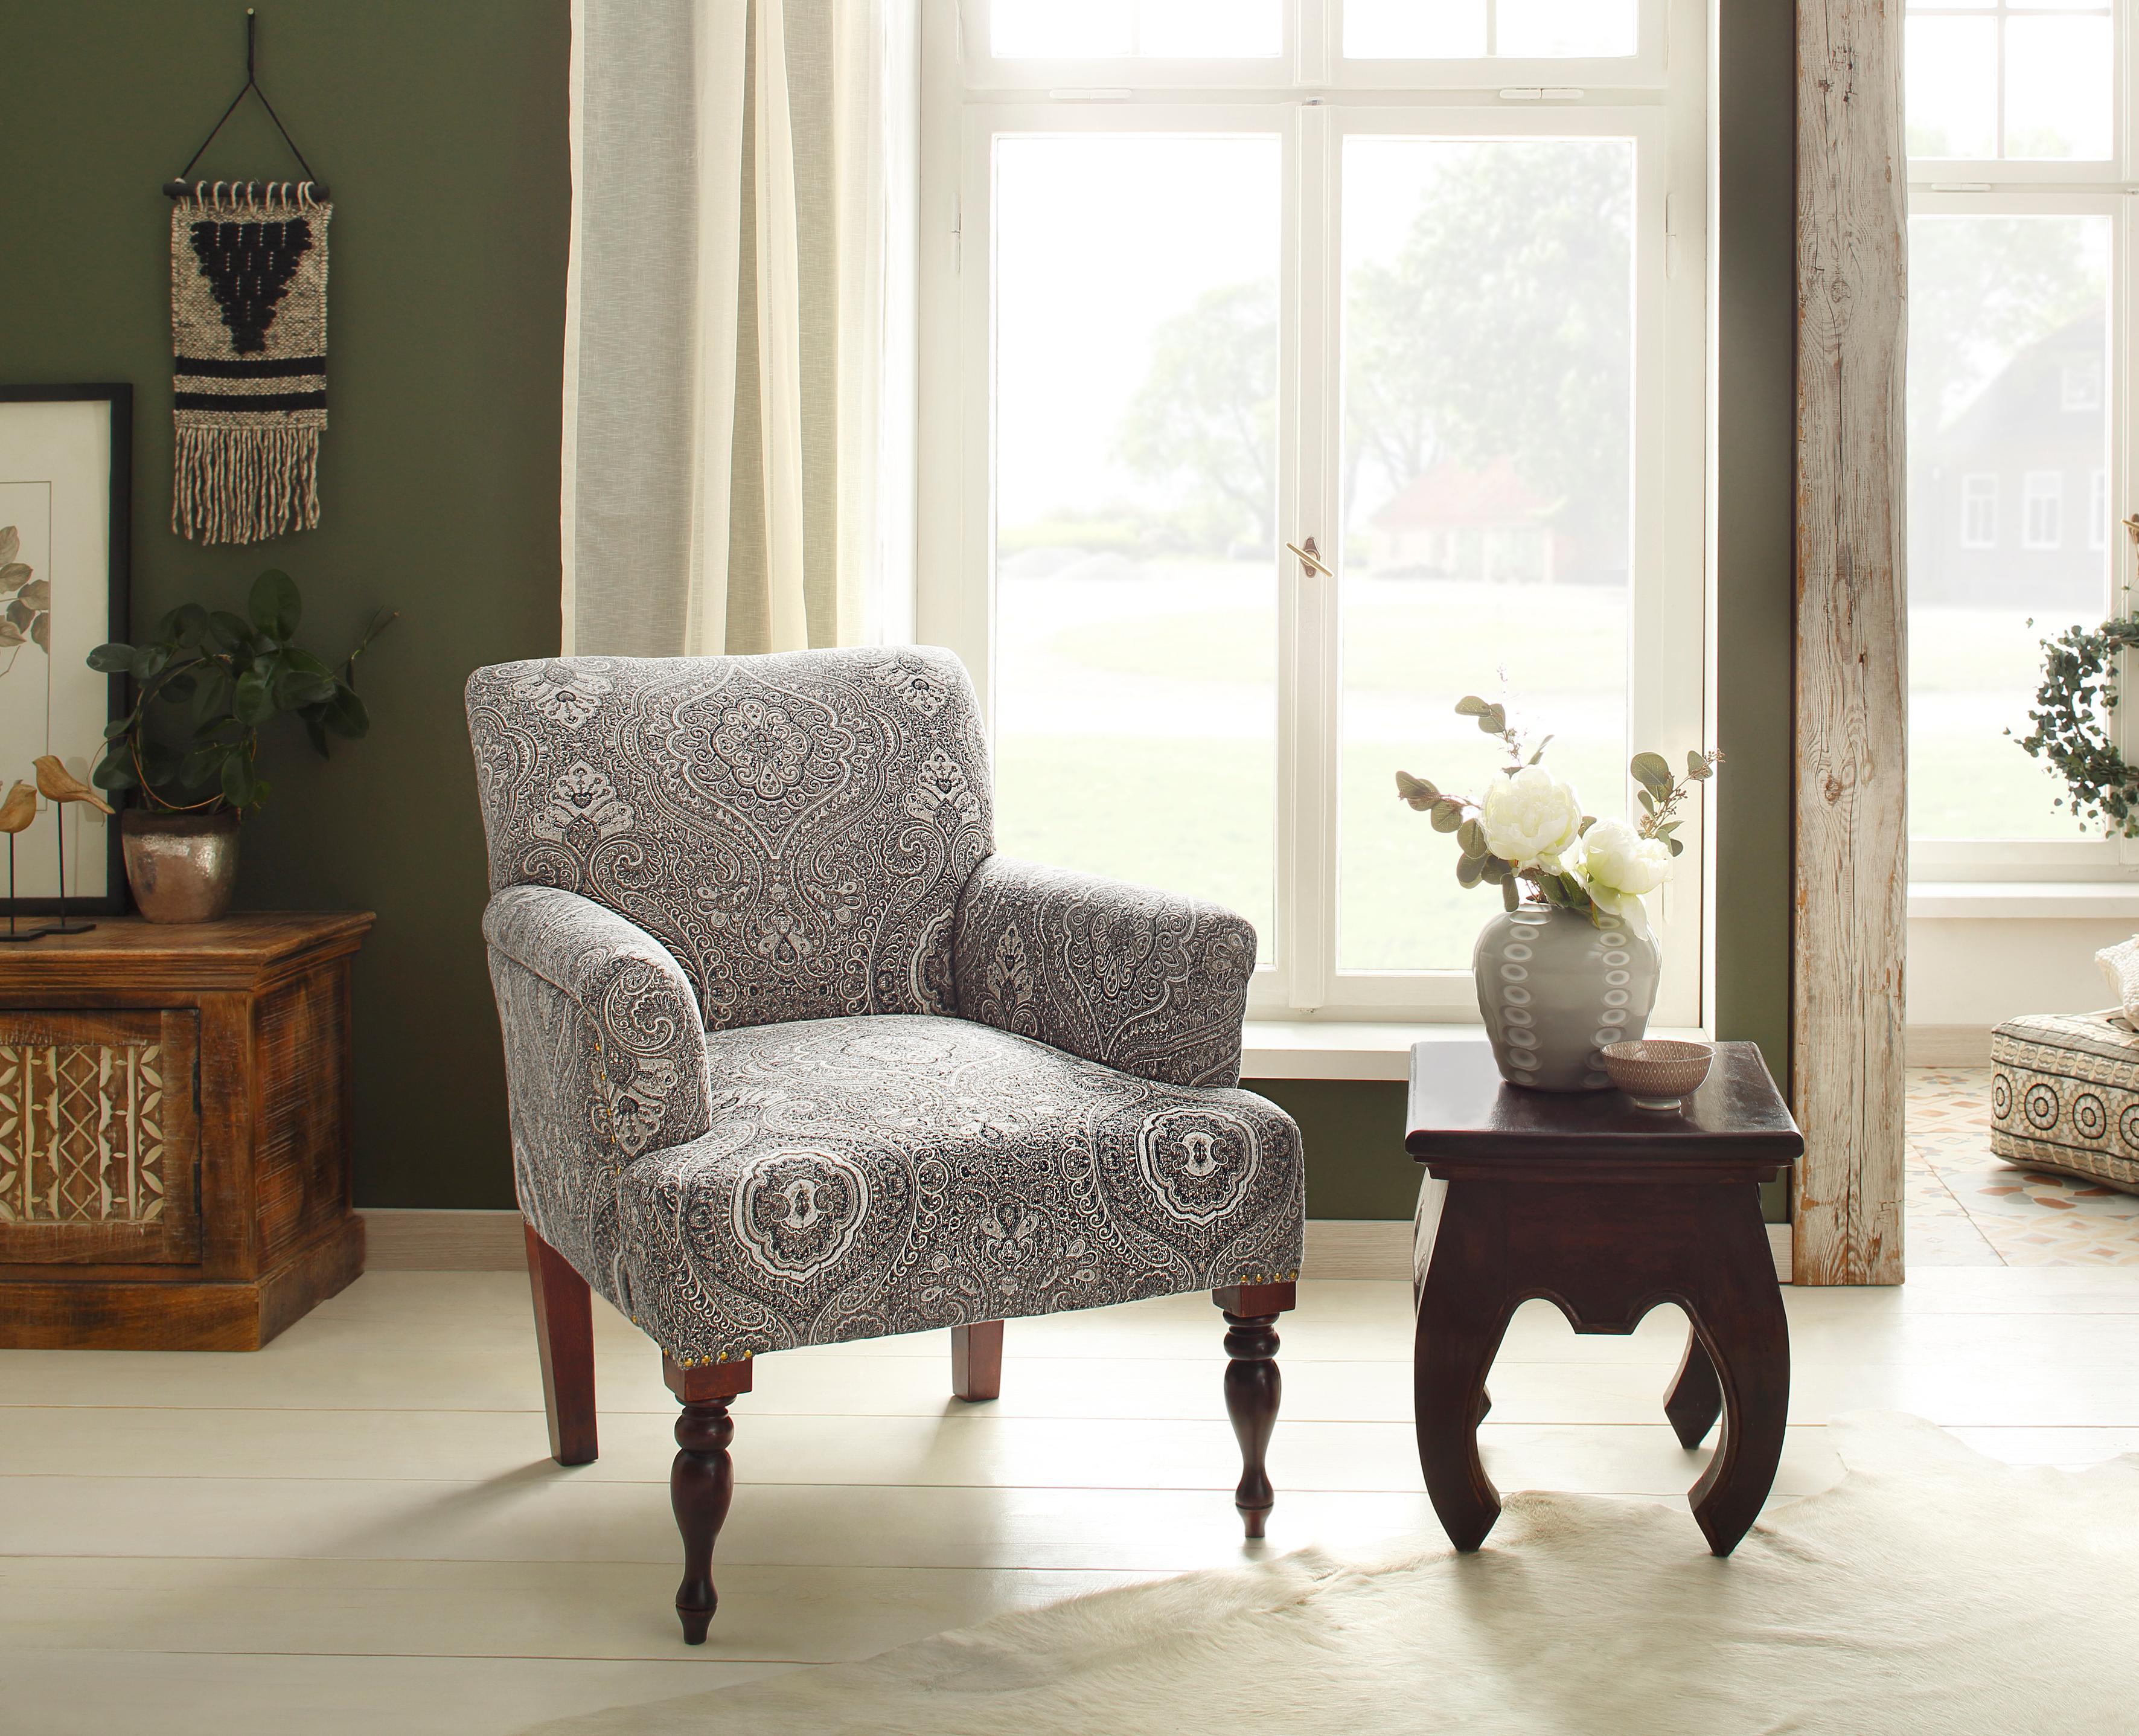 Home affaire Sessel Jamal aus schönem Webstoff in beeindruckender Farbvariation mit schönen Stickereien Sitzhöhe 45 cm